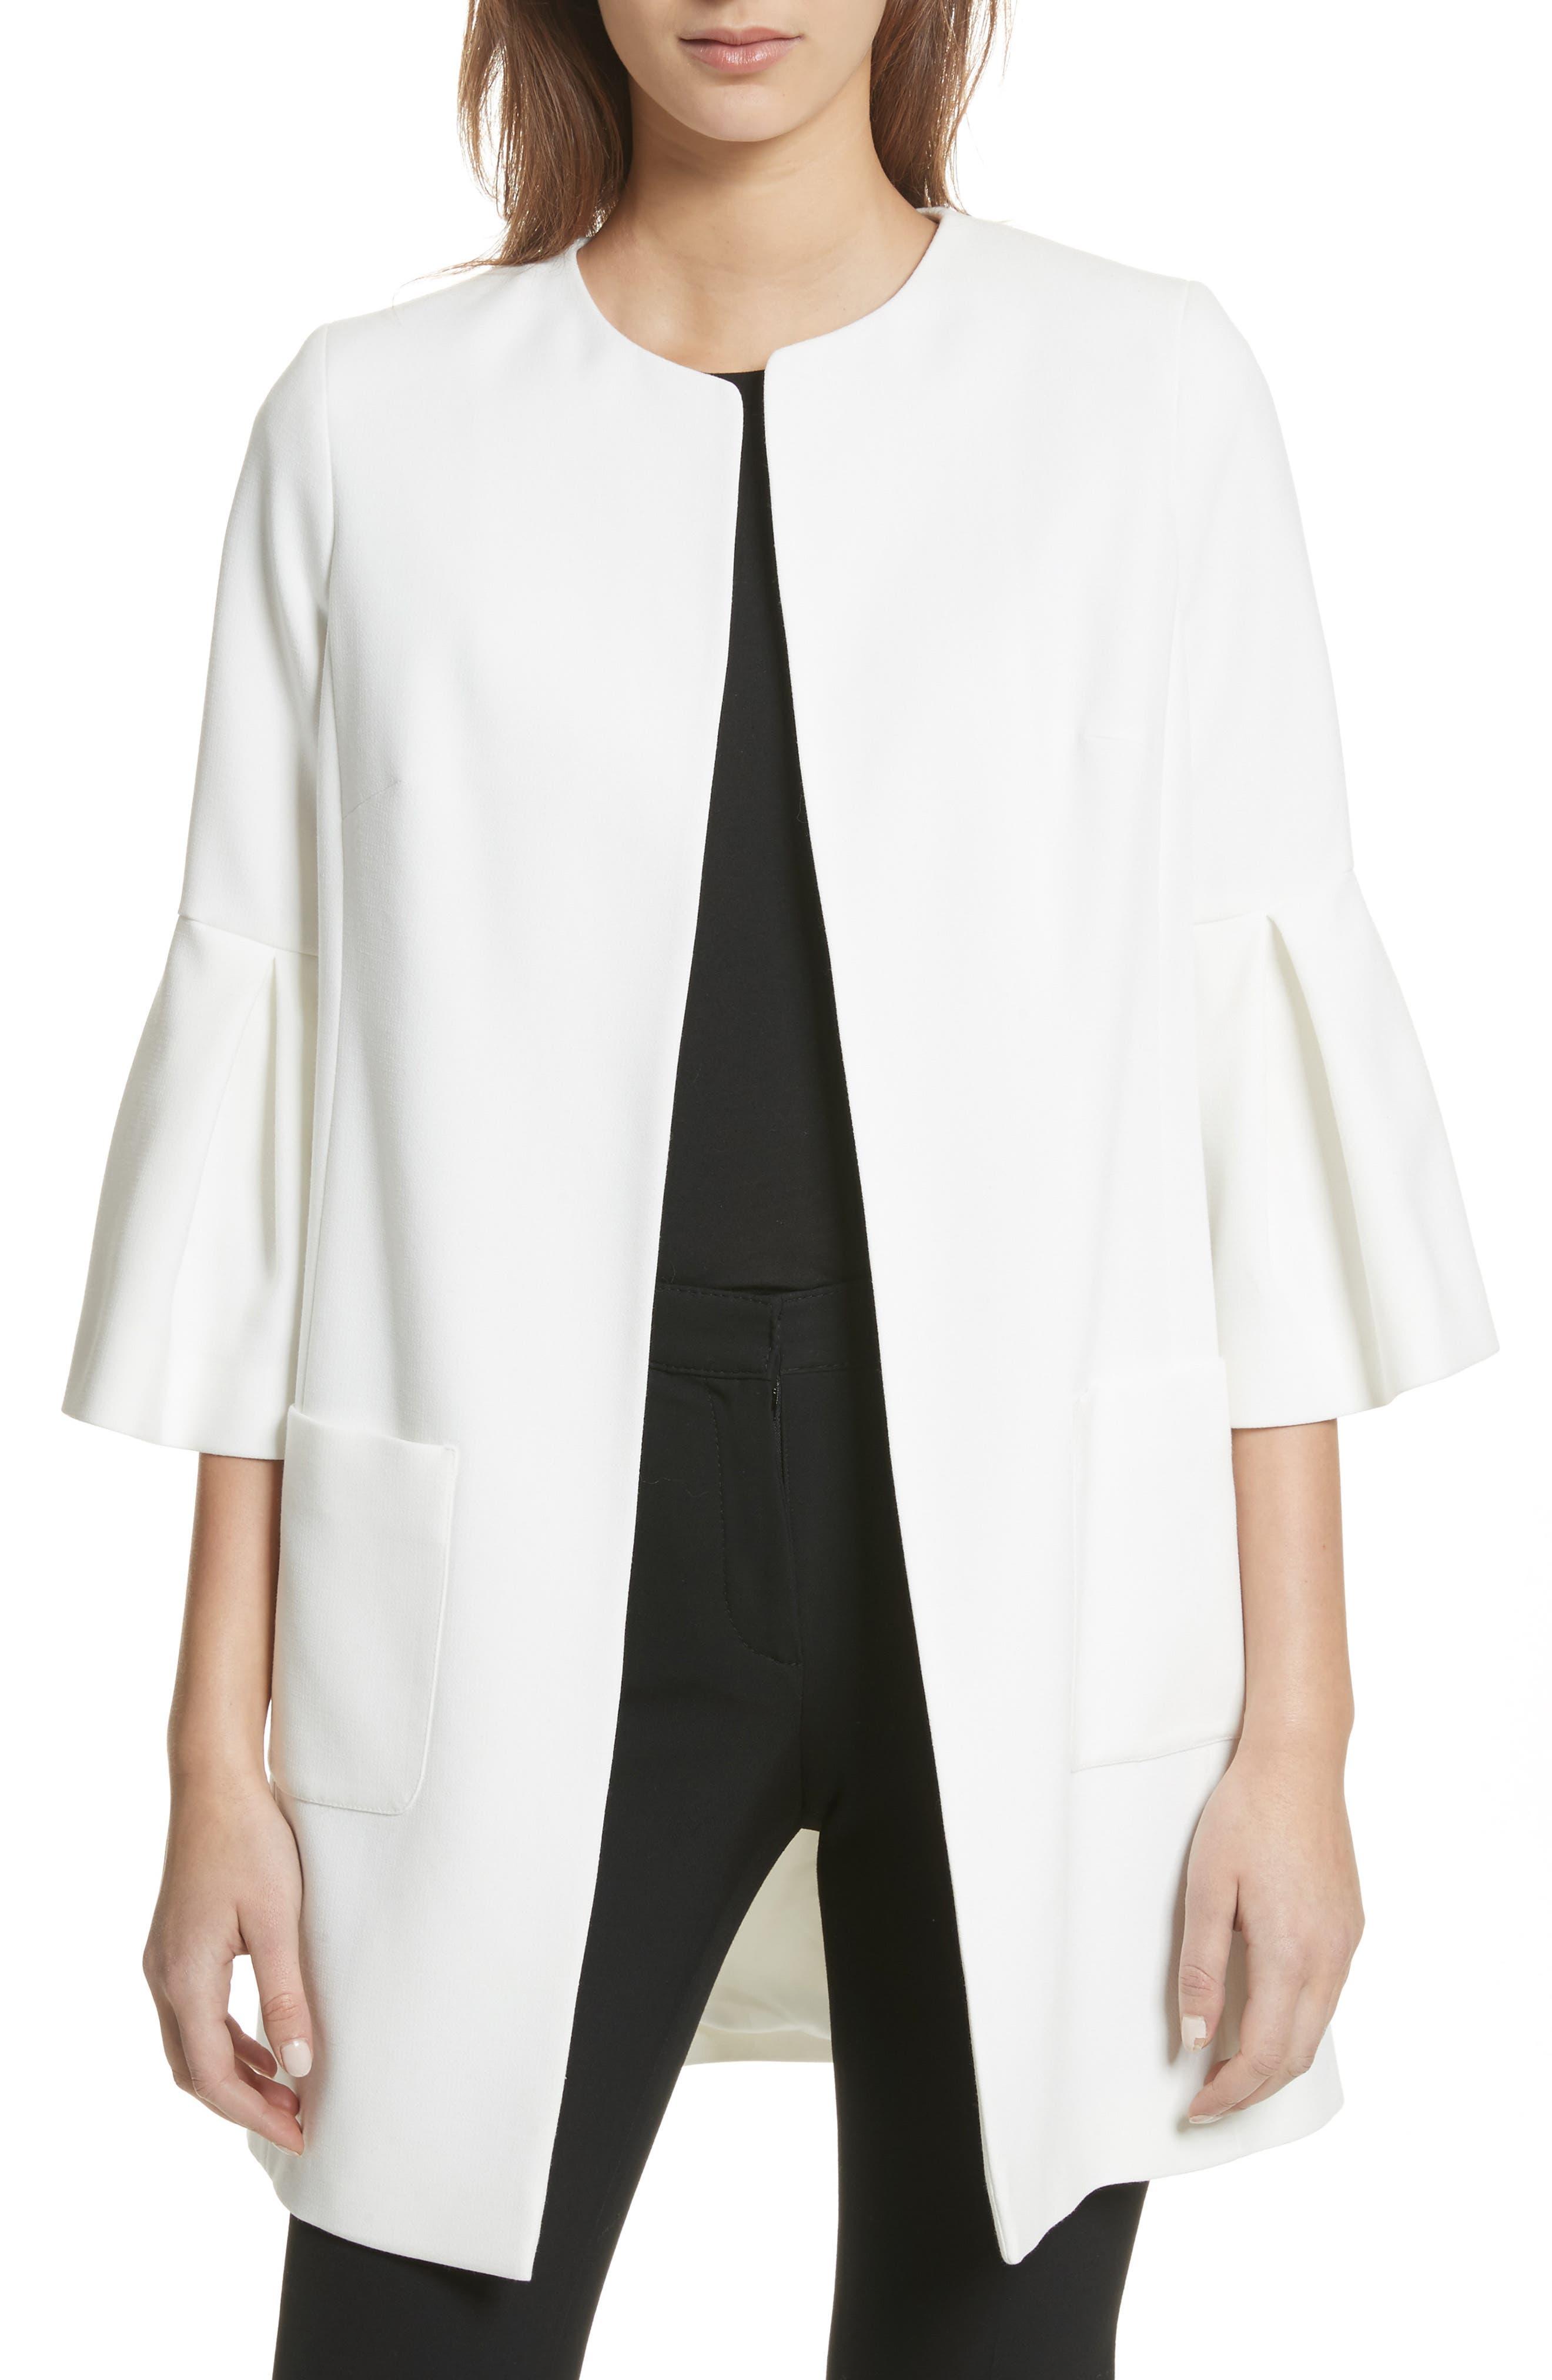 HELENE BERMAN Open Front Flared Sleeve Jacket in Ivory